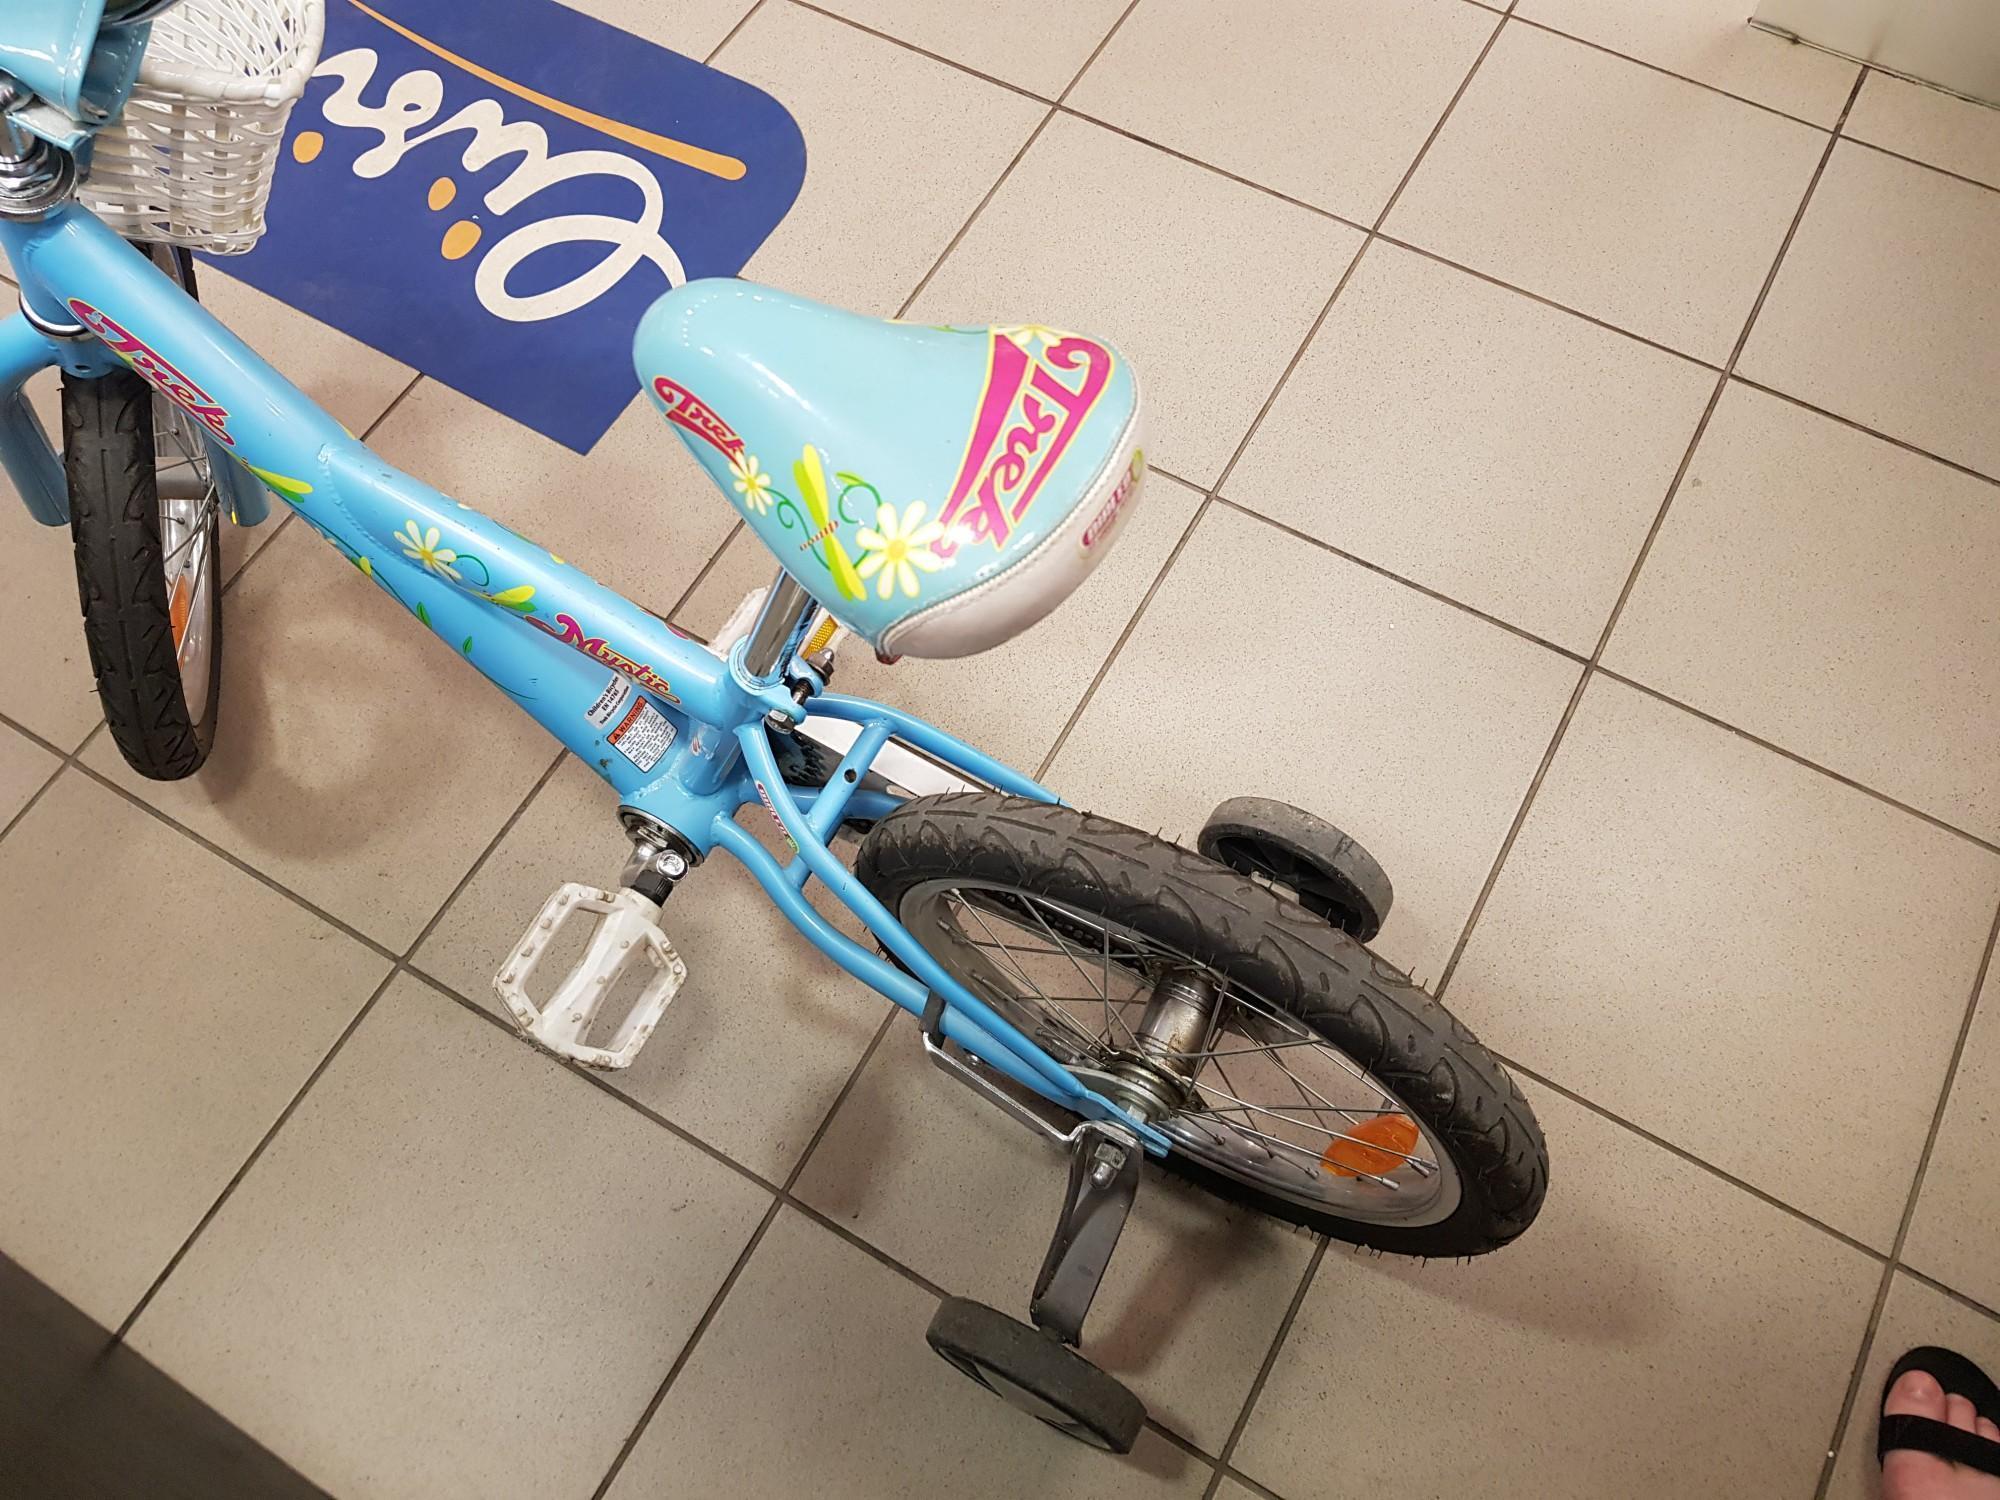 ee237ec6e0d Laste jalgratas Trek Mystic 16 - Luutar